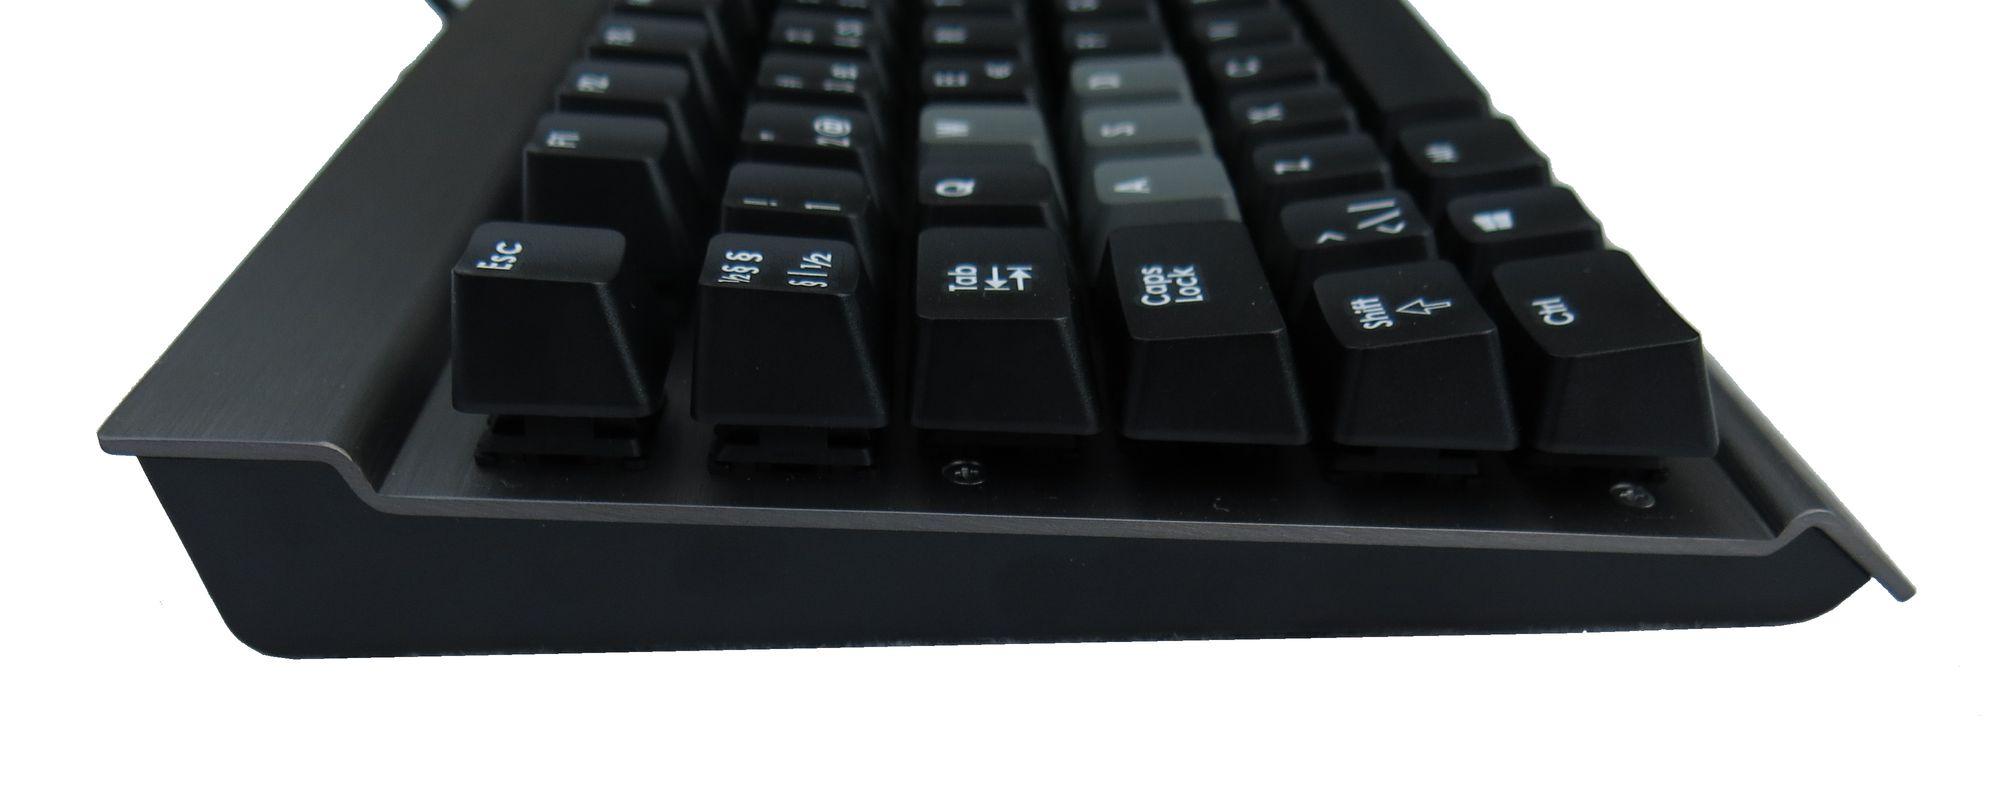 høyre talltastatur virker ikke